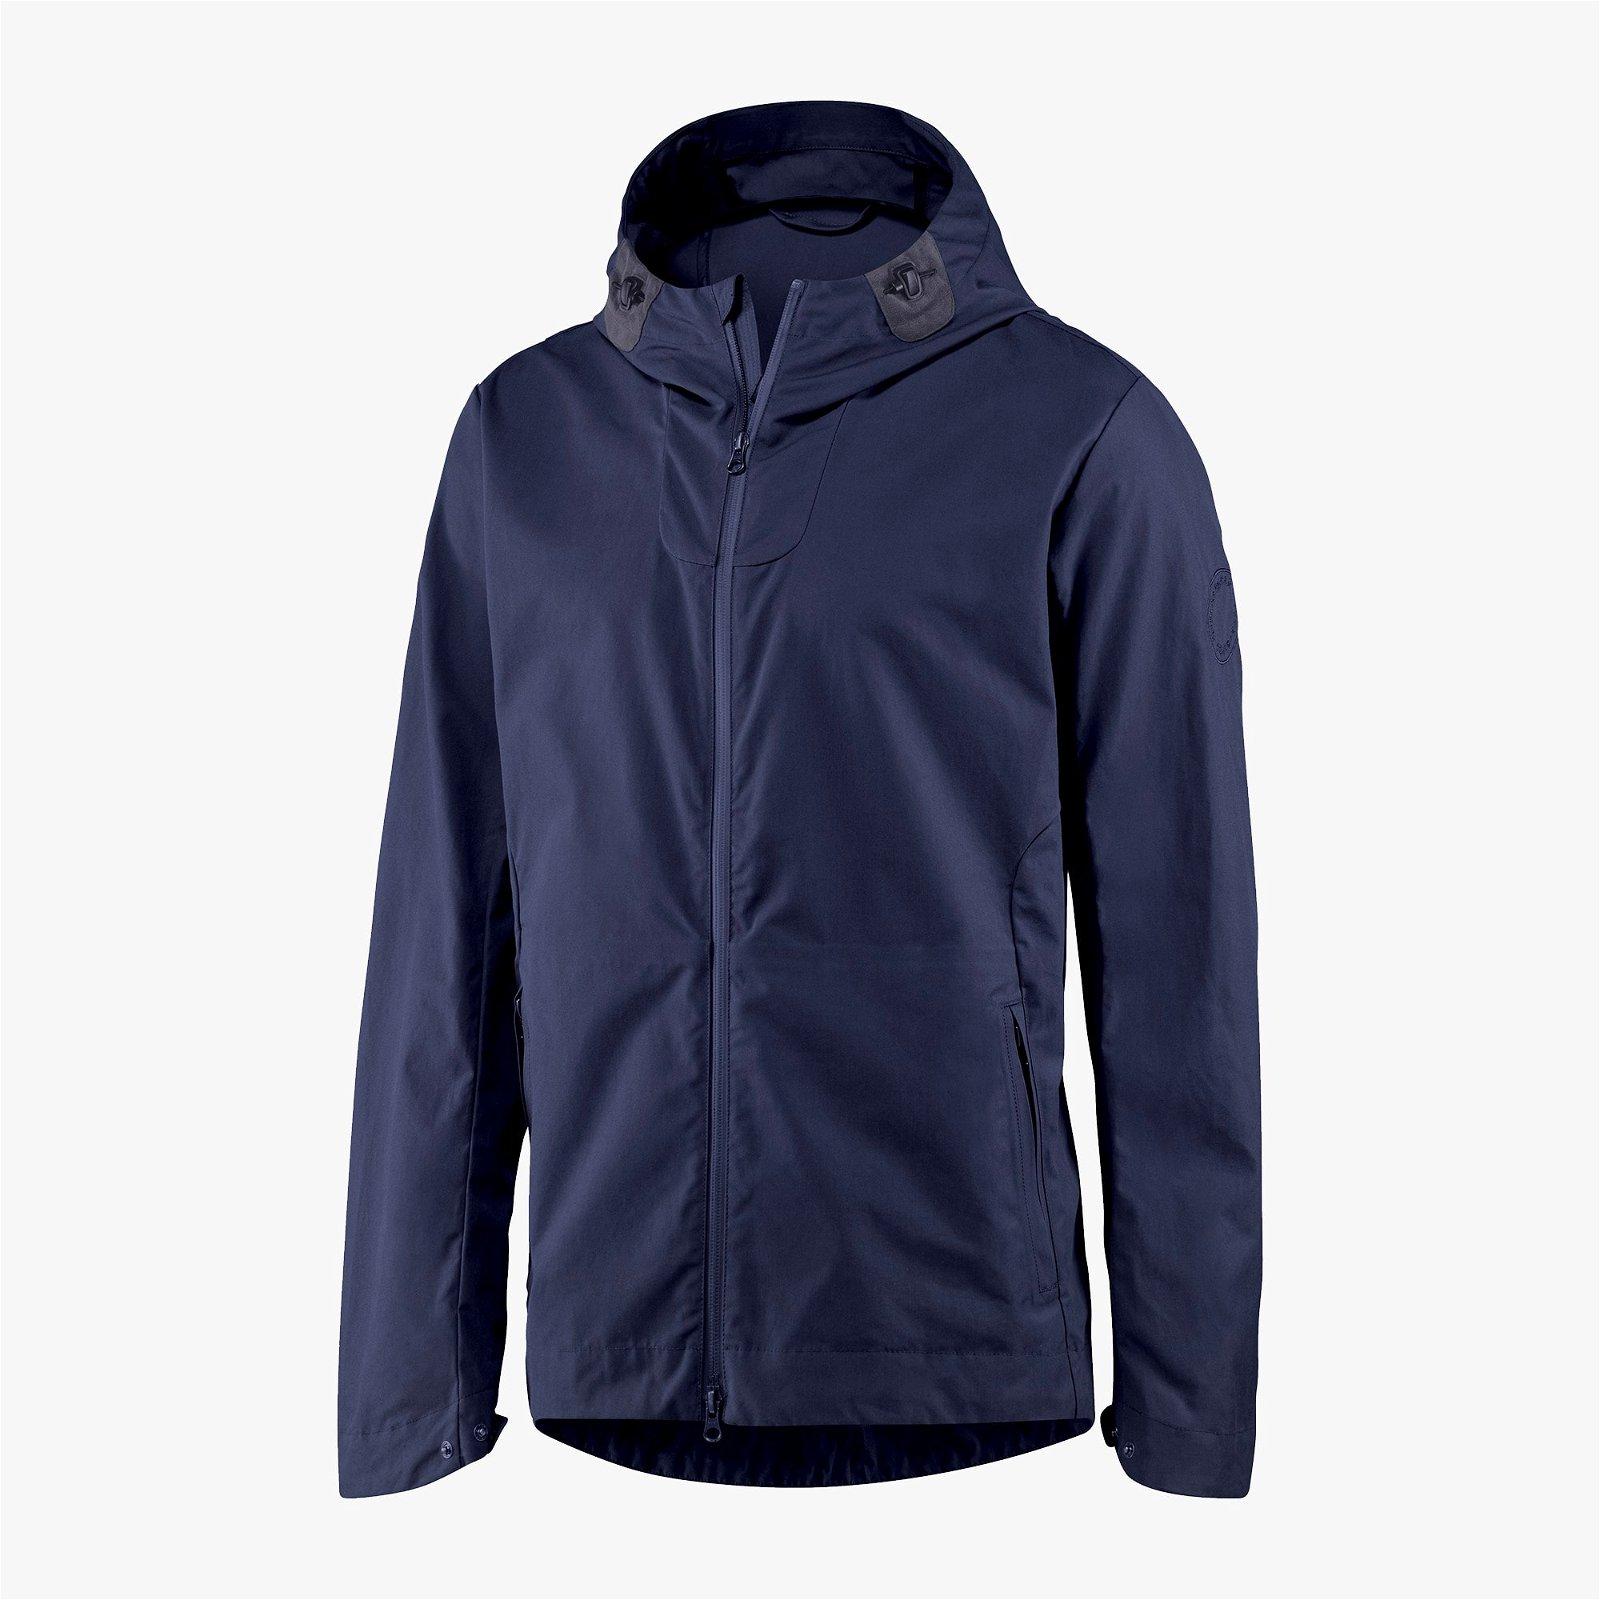 Fisher + Baker Kensington shell jacket